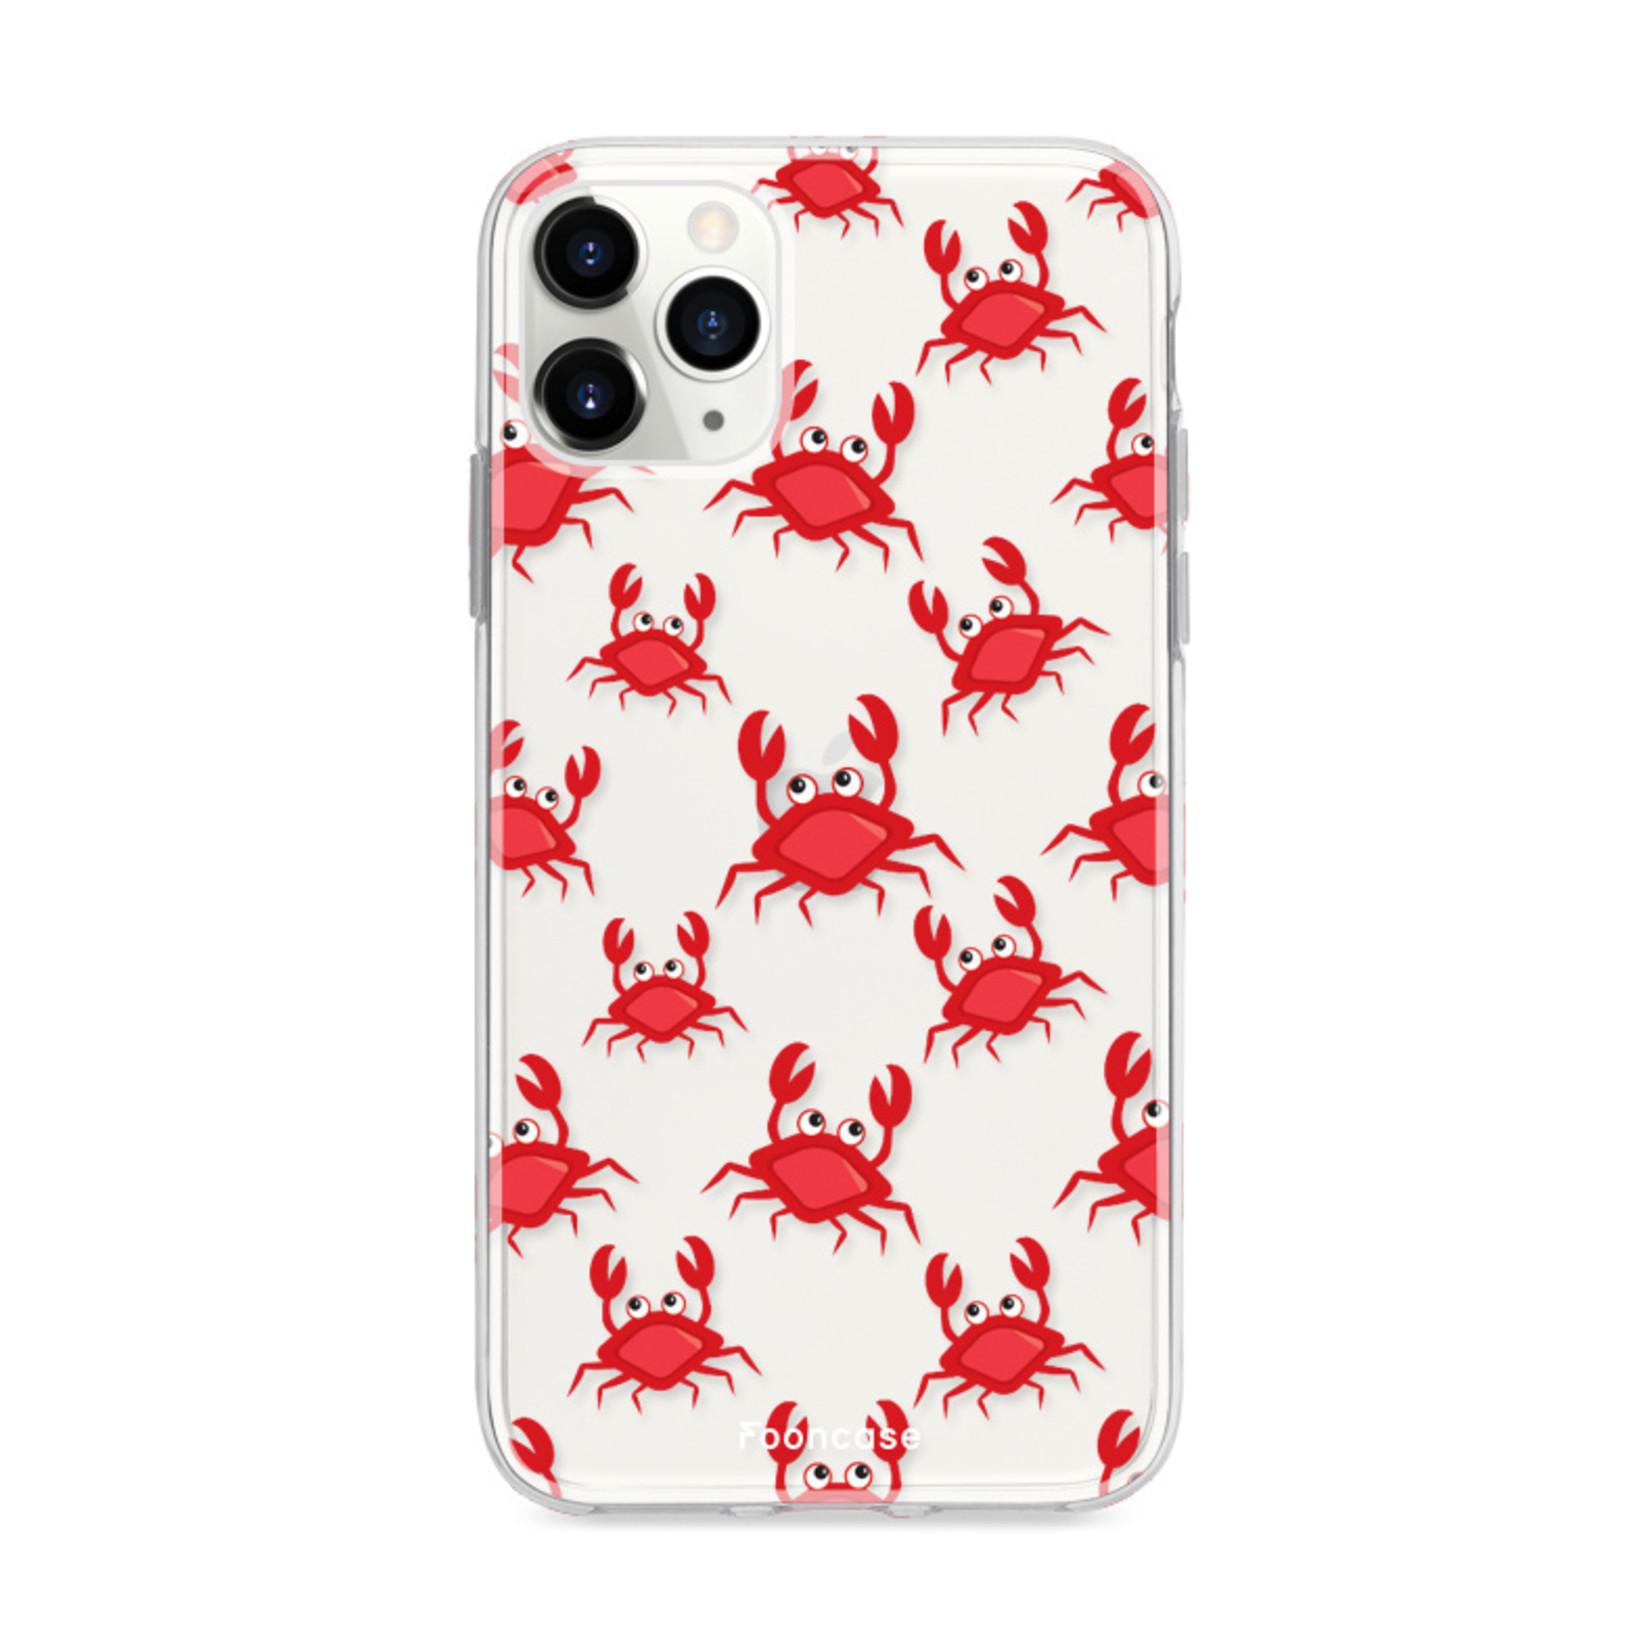 FOONCASE IPhone 12 Pro Max Case - Crabs